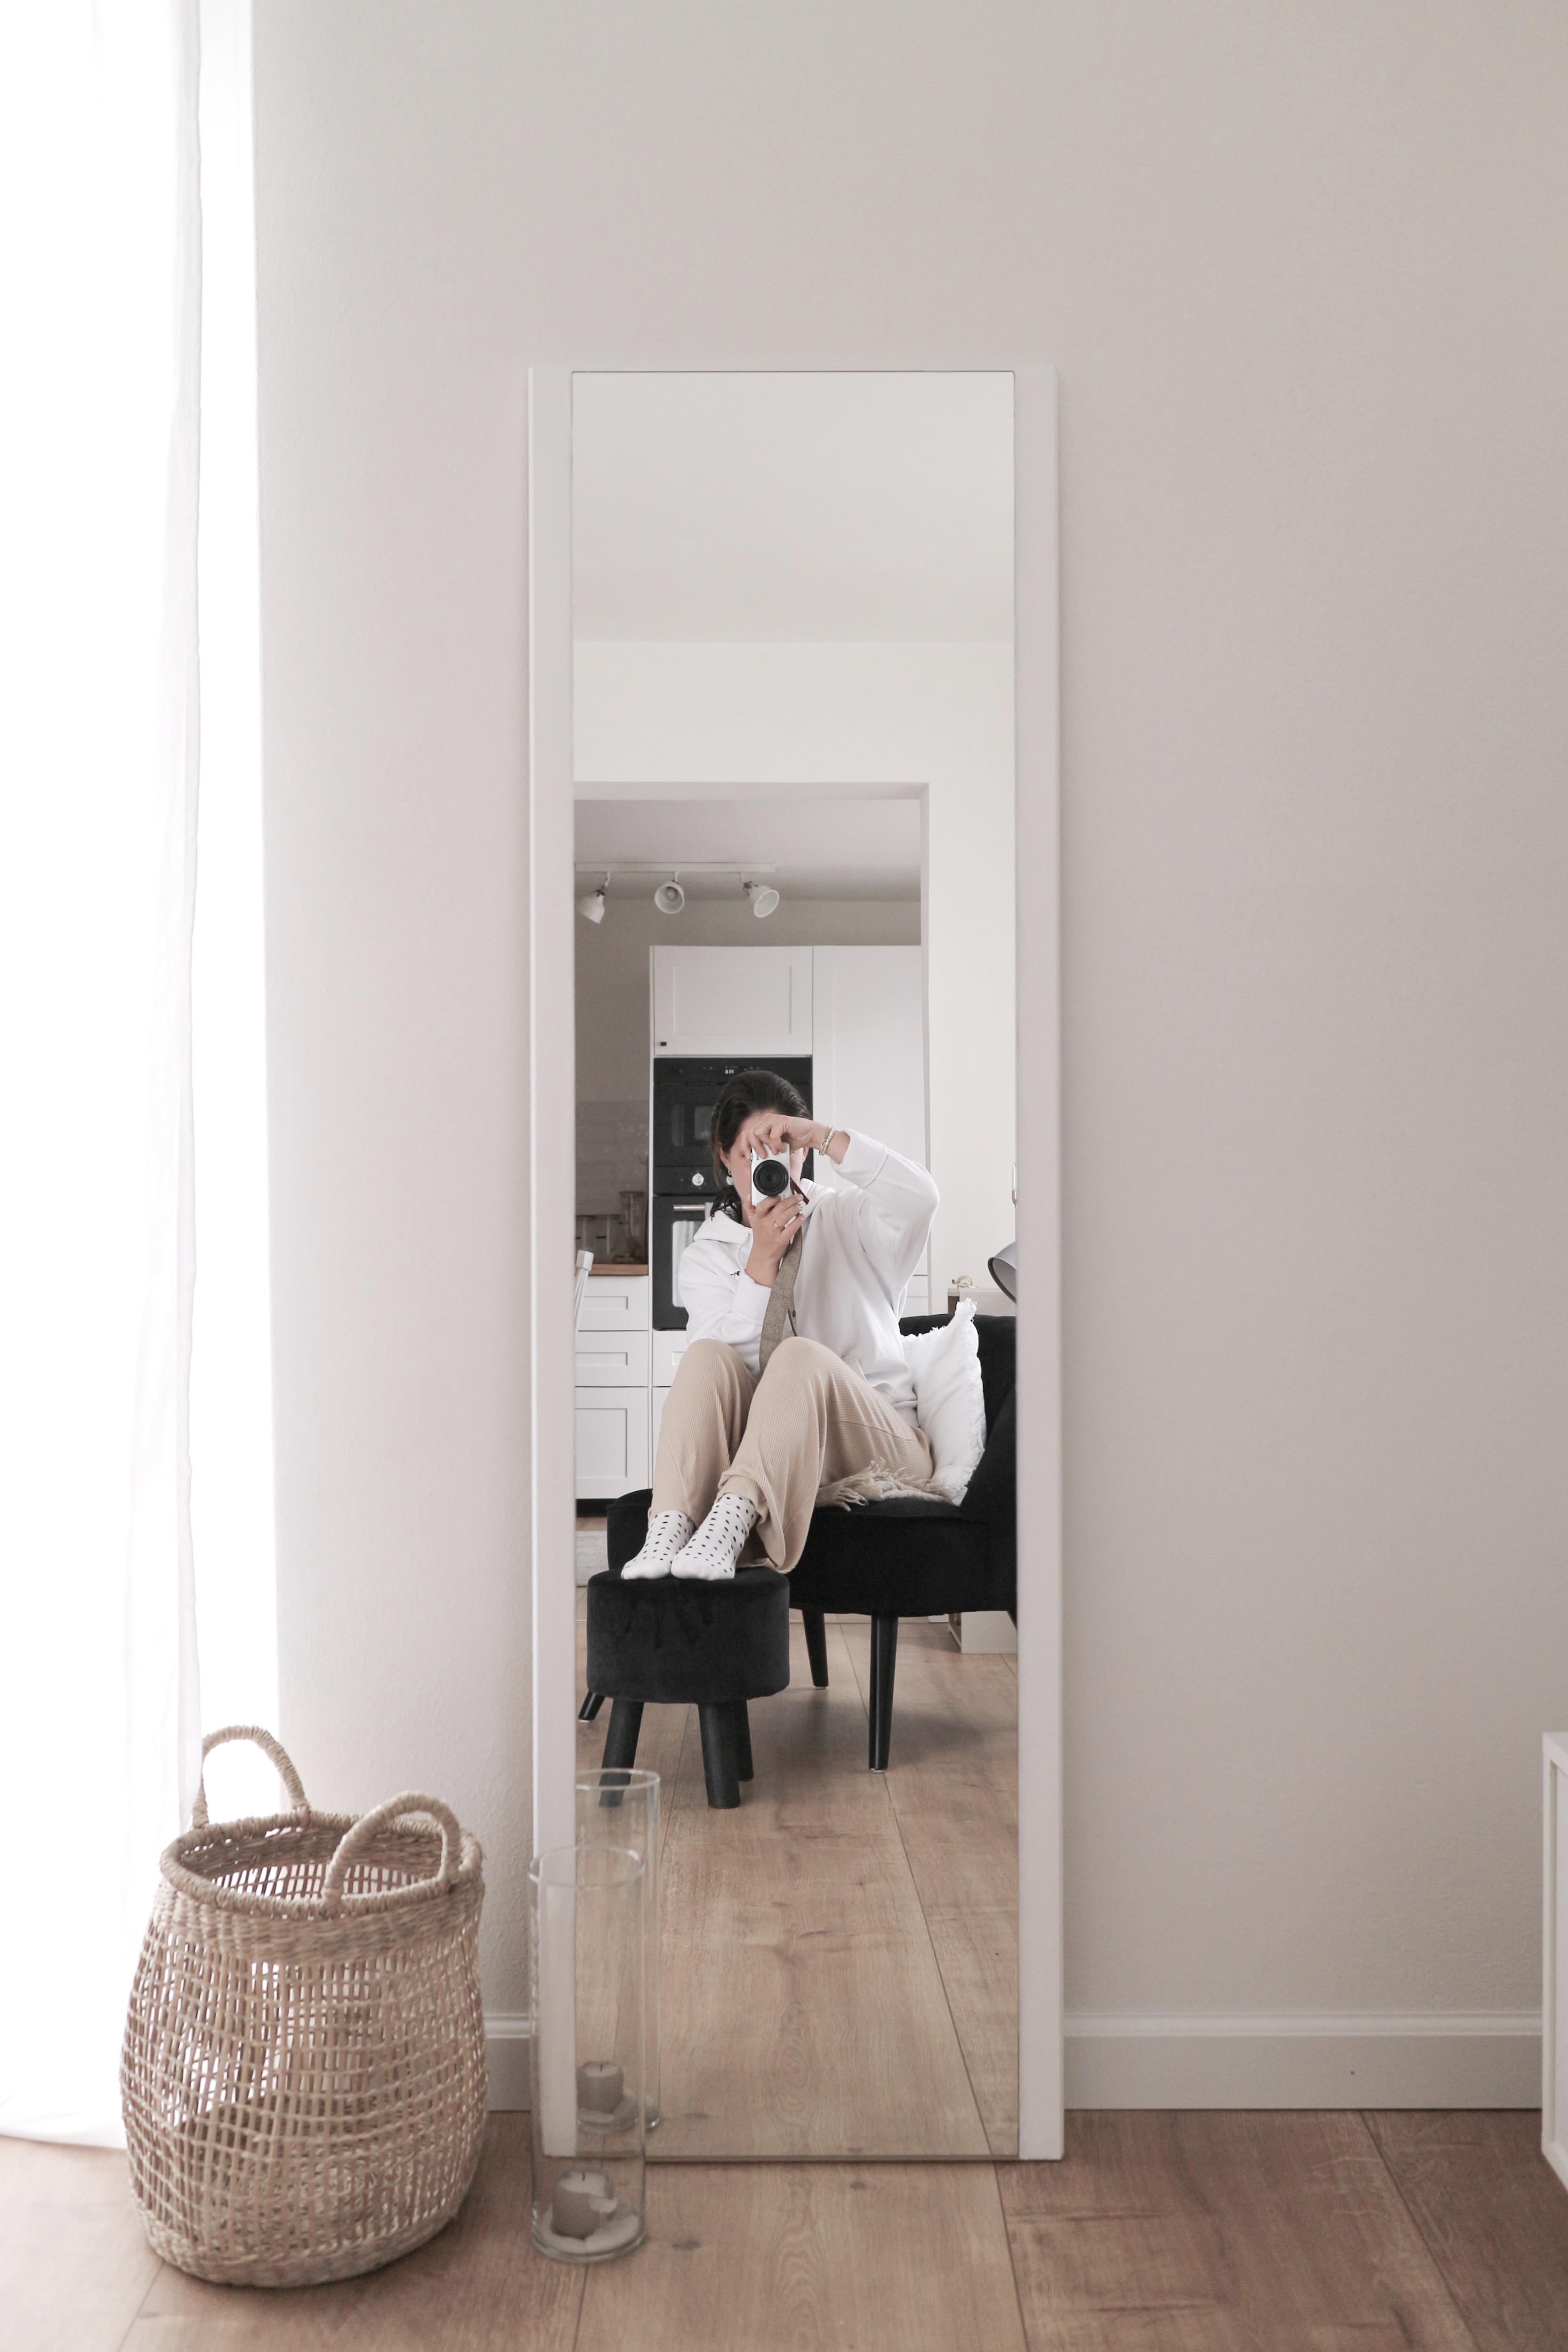 Homestories - Bei Lesern Zuhause - Venja mischt skandinavisch mit mediterran - so geht's einfach desmondo